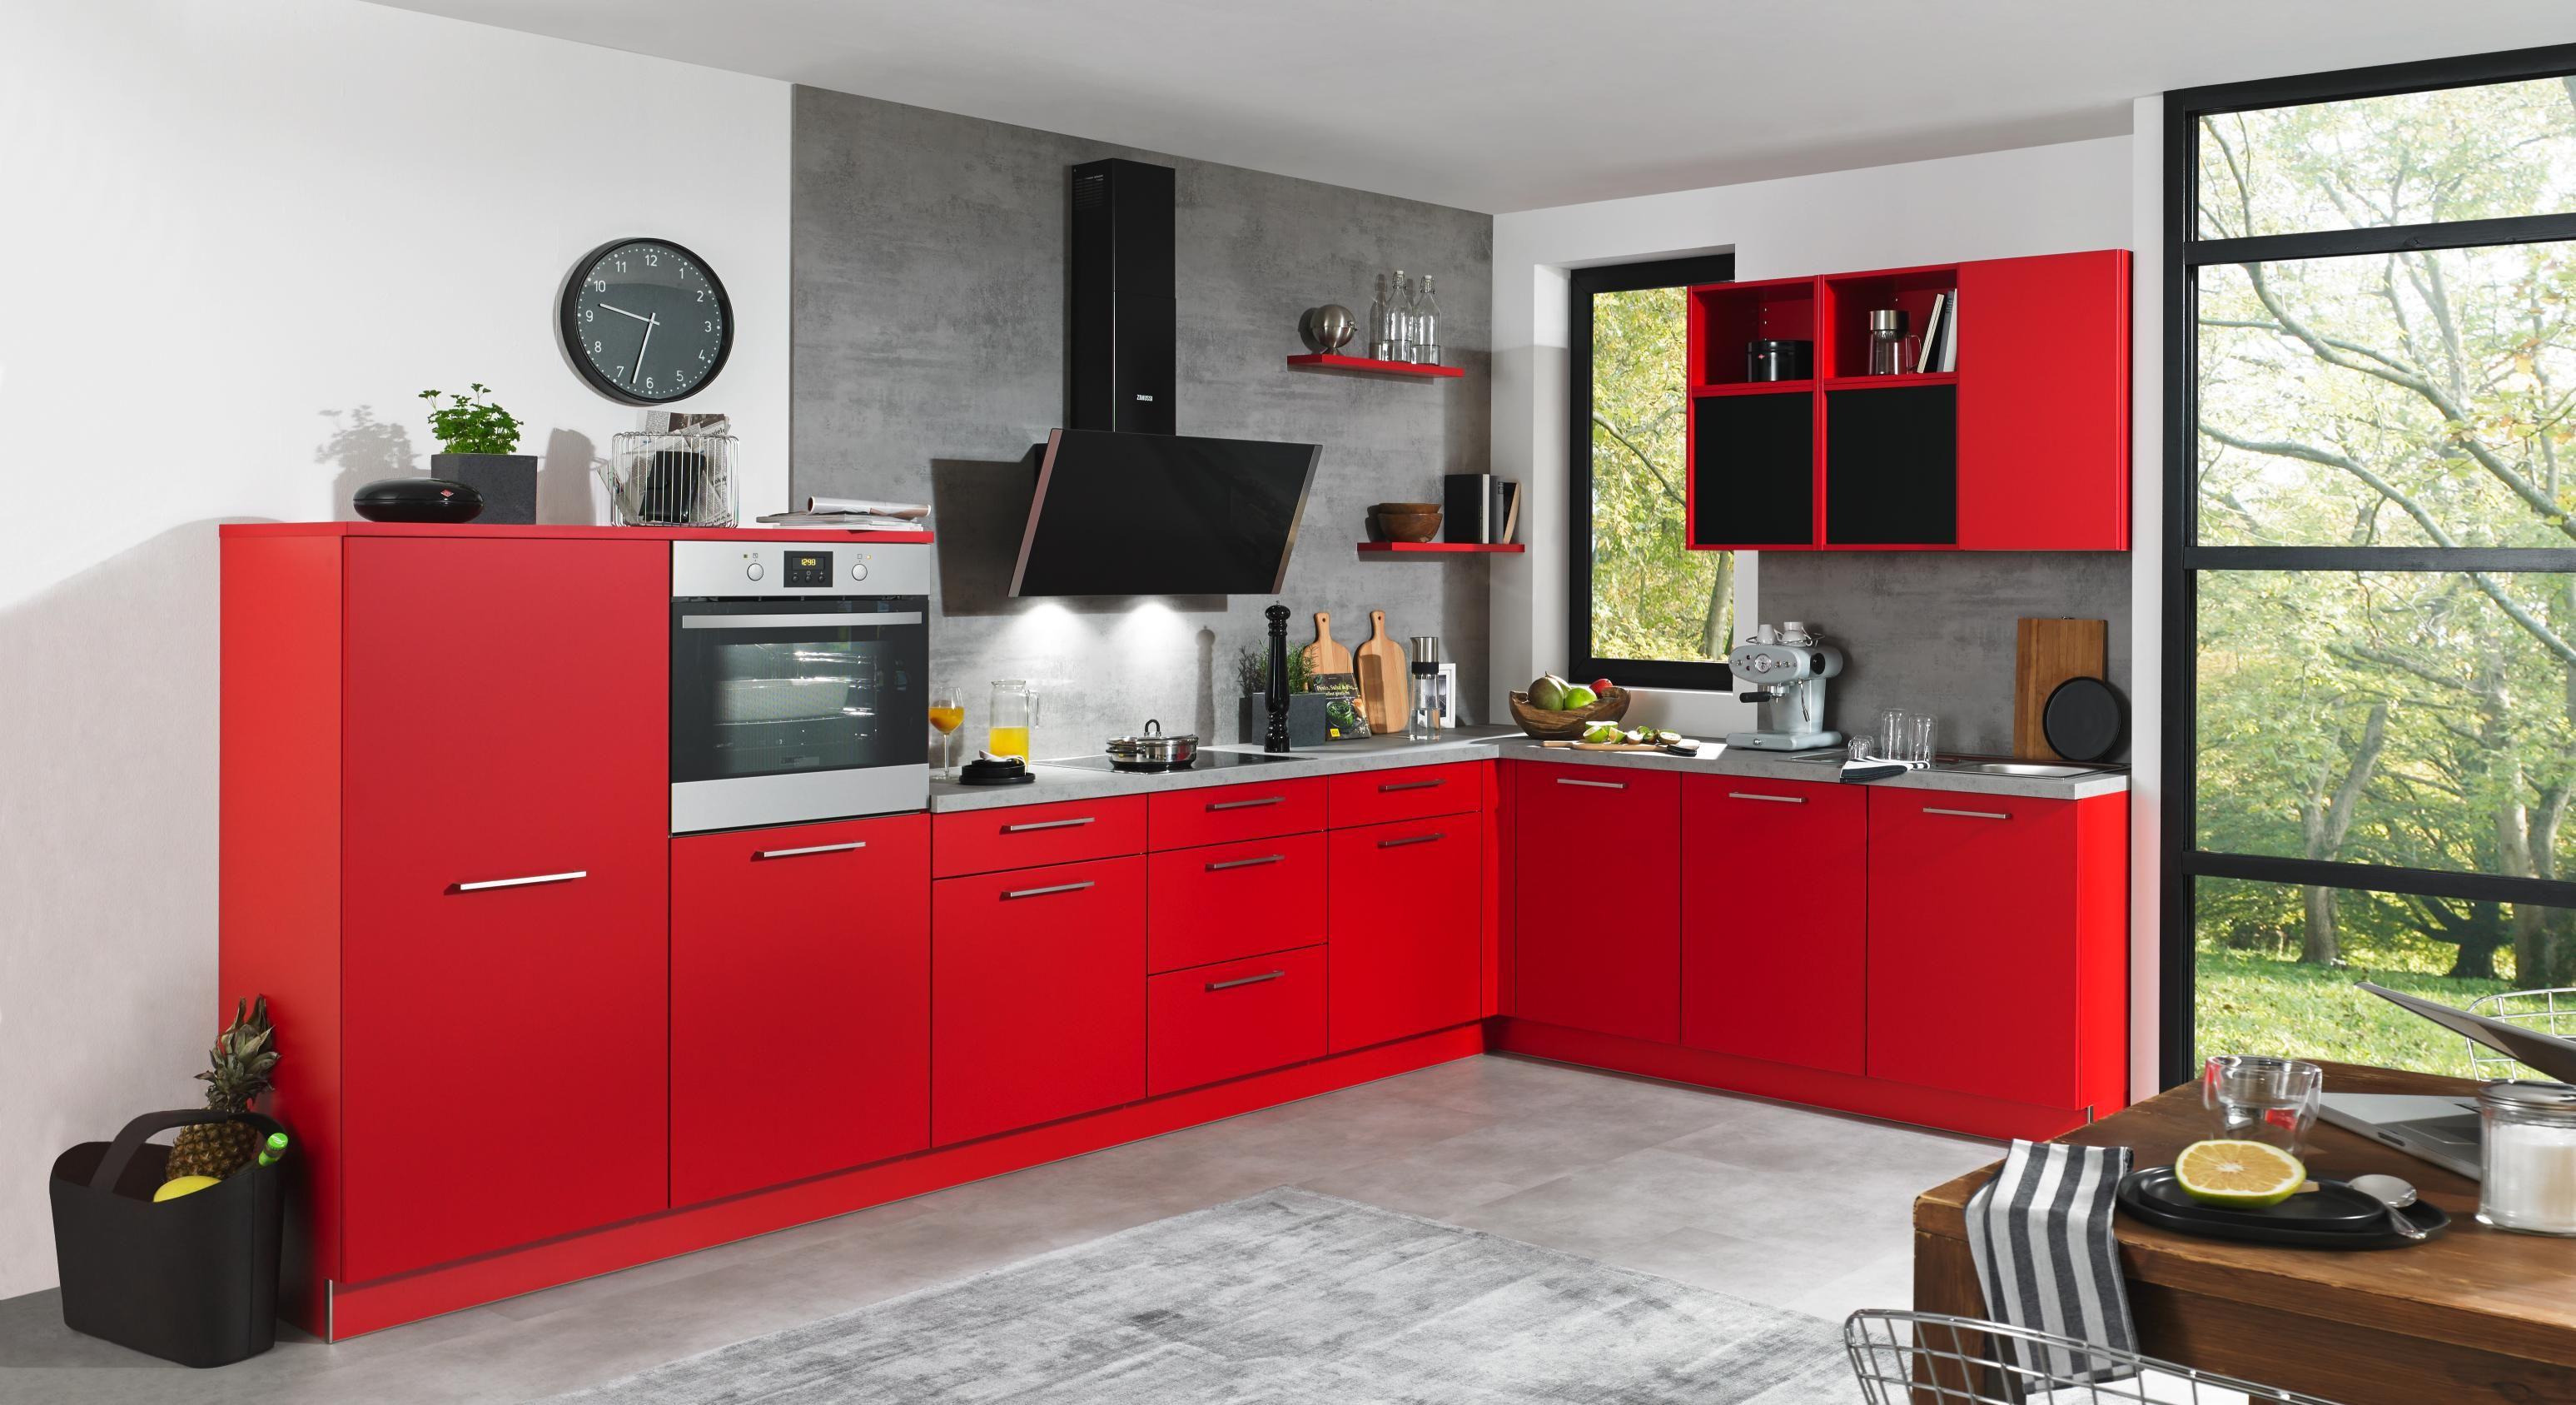 DIETER KNOLL Einbauküche: Ein Küchenkonzept Ganz Nach Ihren Wünschen!